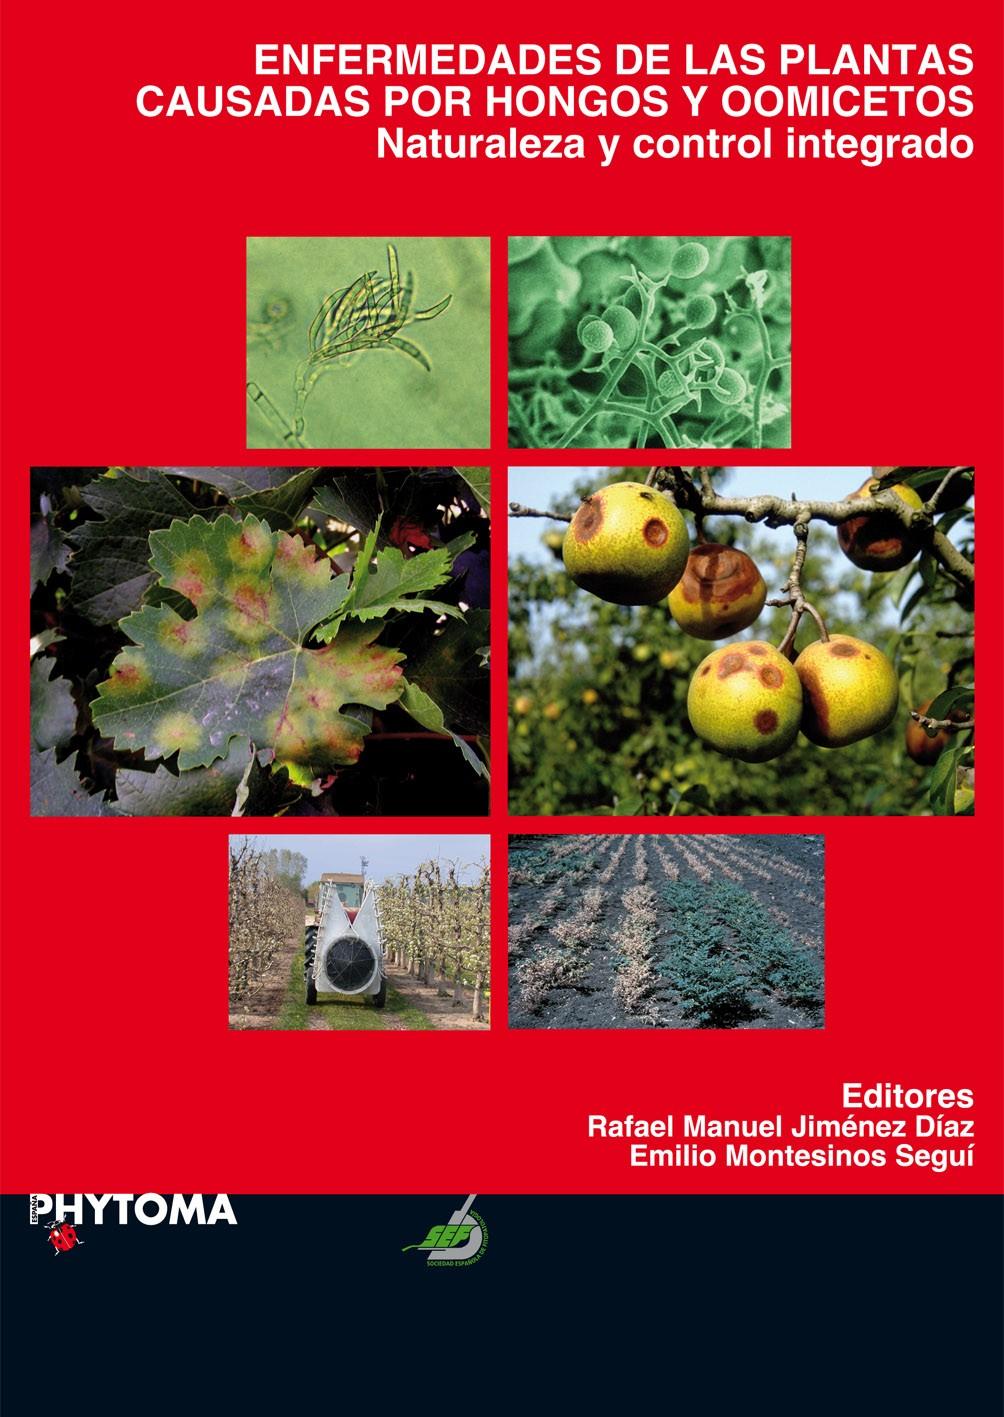 enfermedades producidas por hongos mas comunes